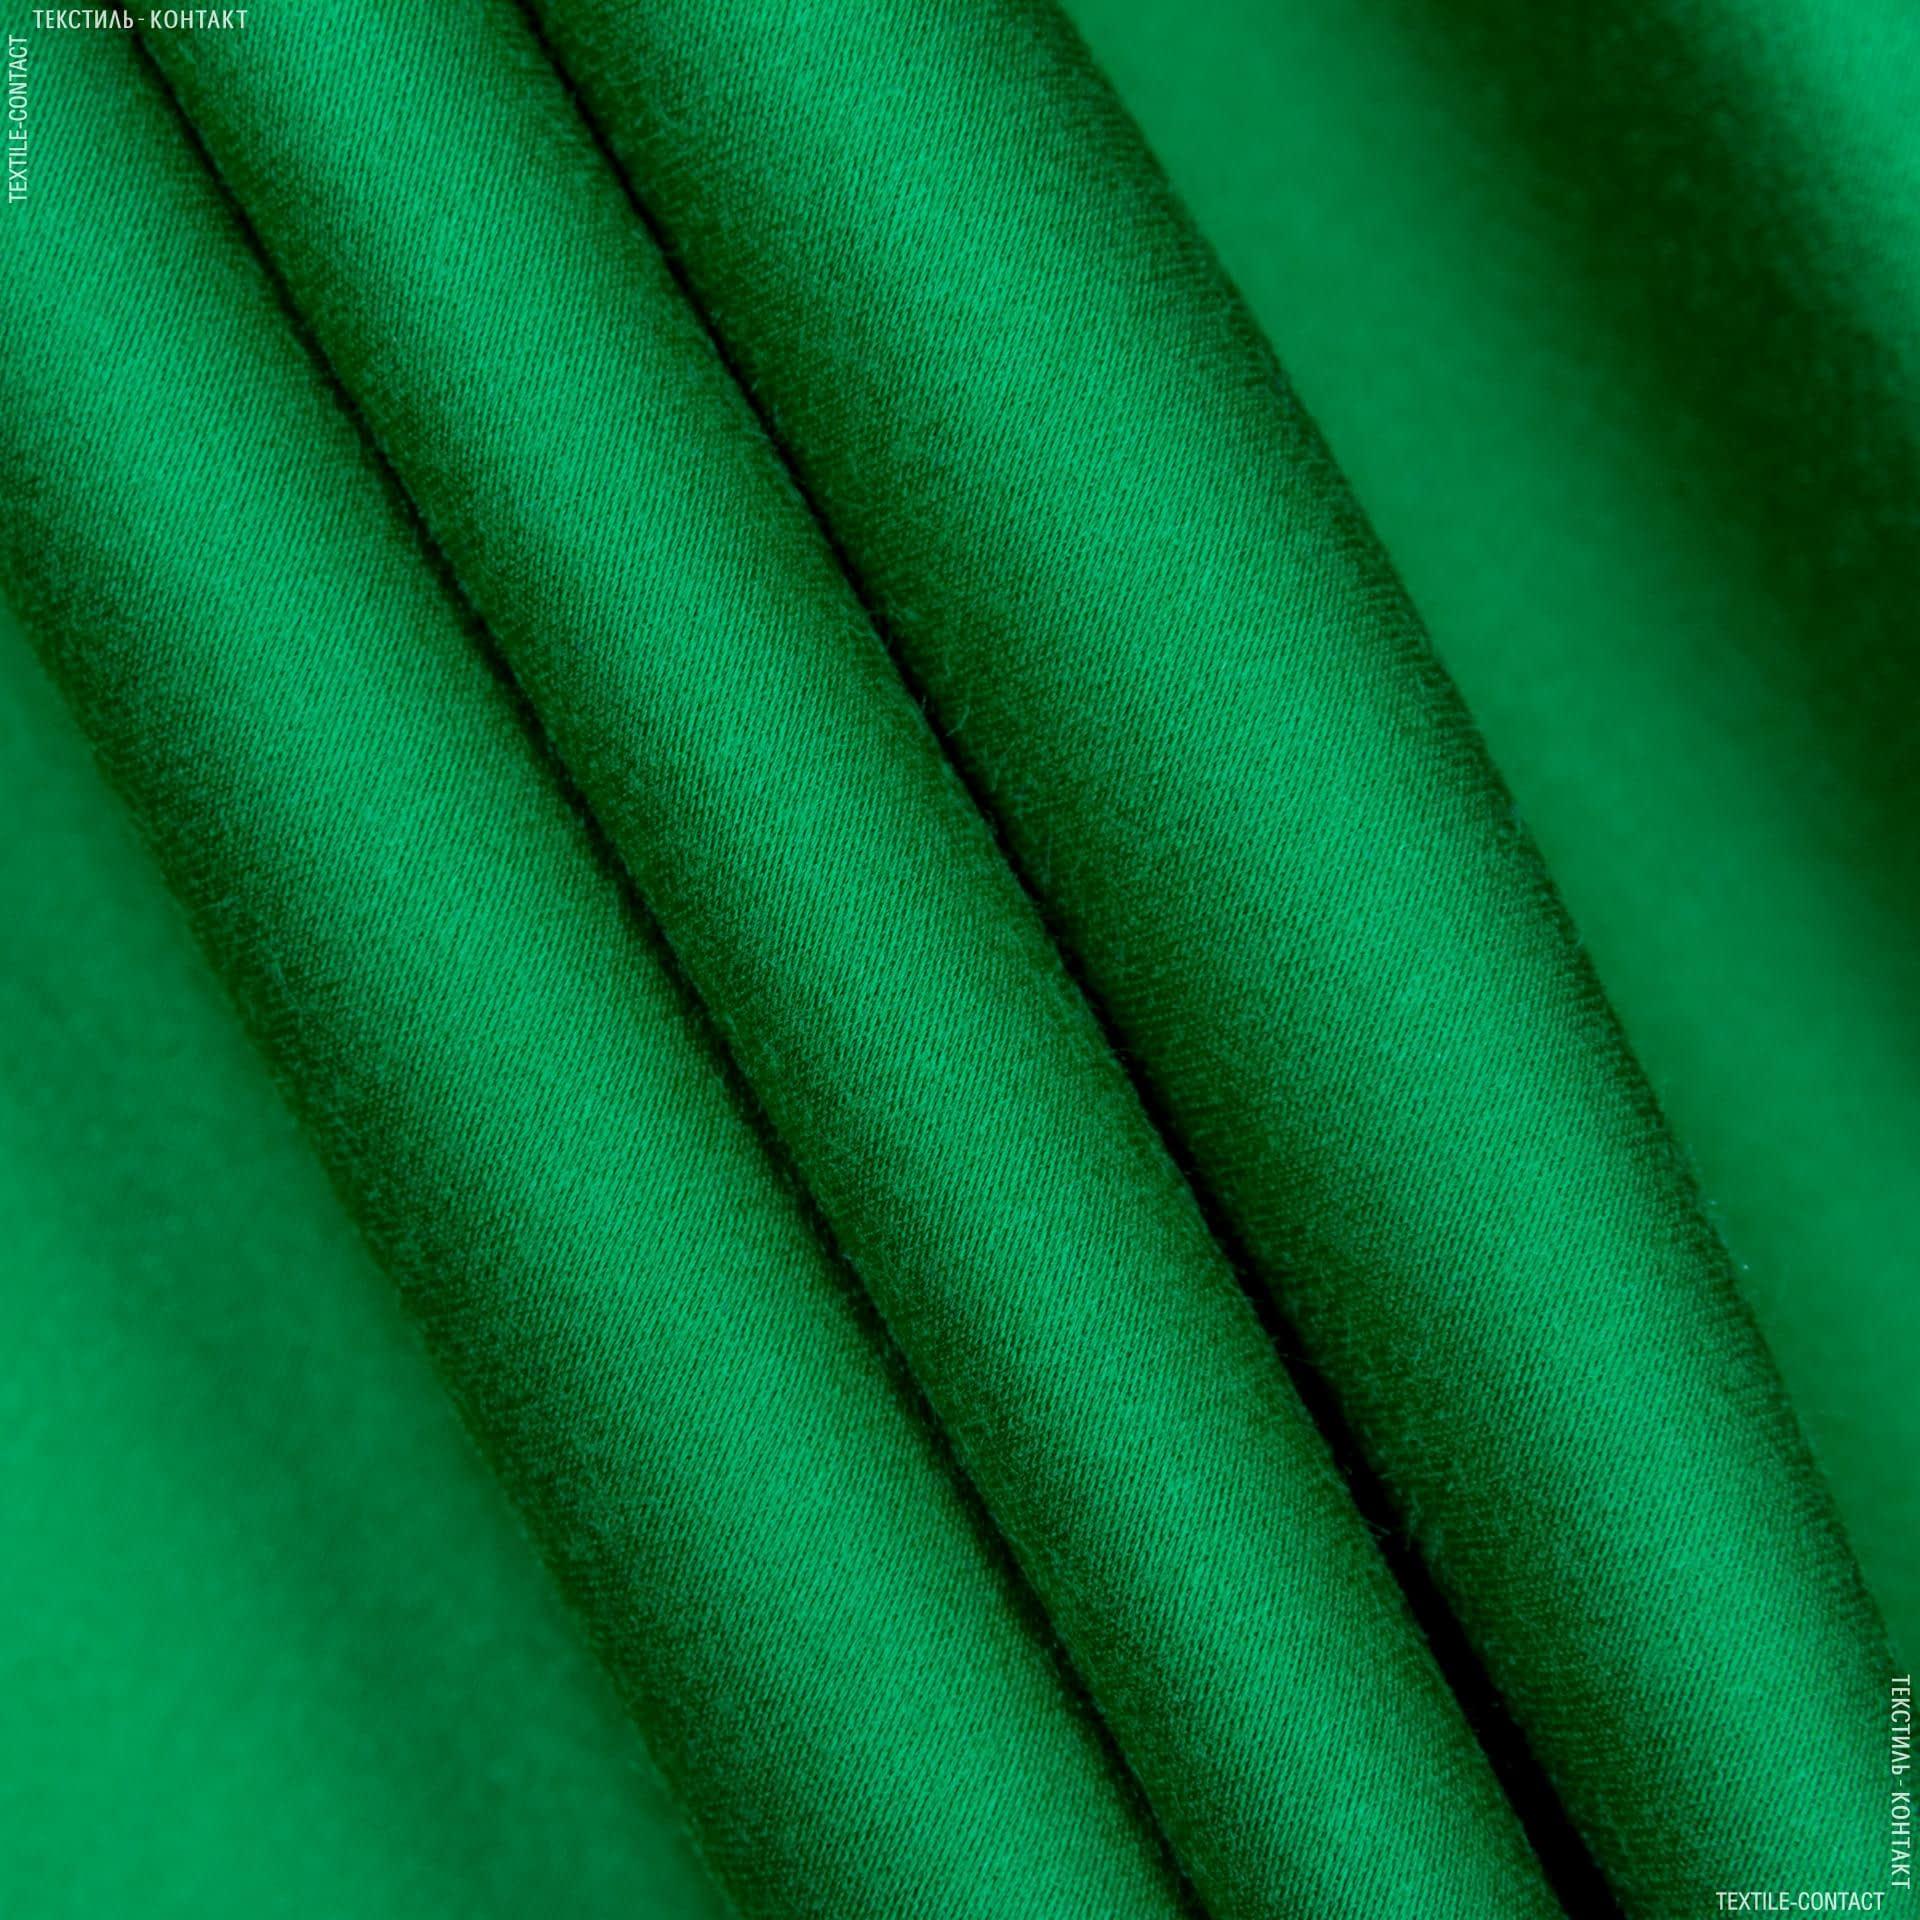 Тканини для костюмів - Костюмний сатин віскозний темно-оливковий